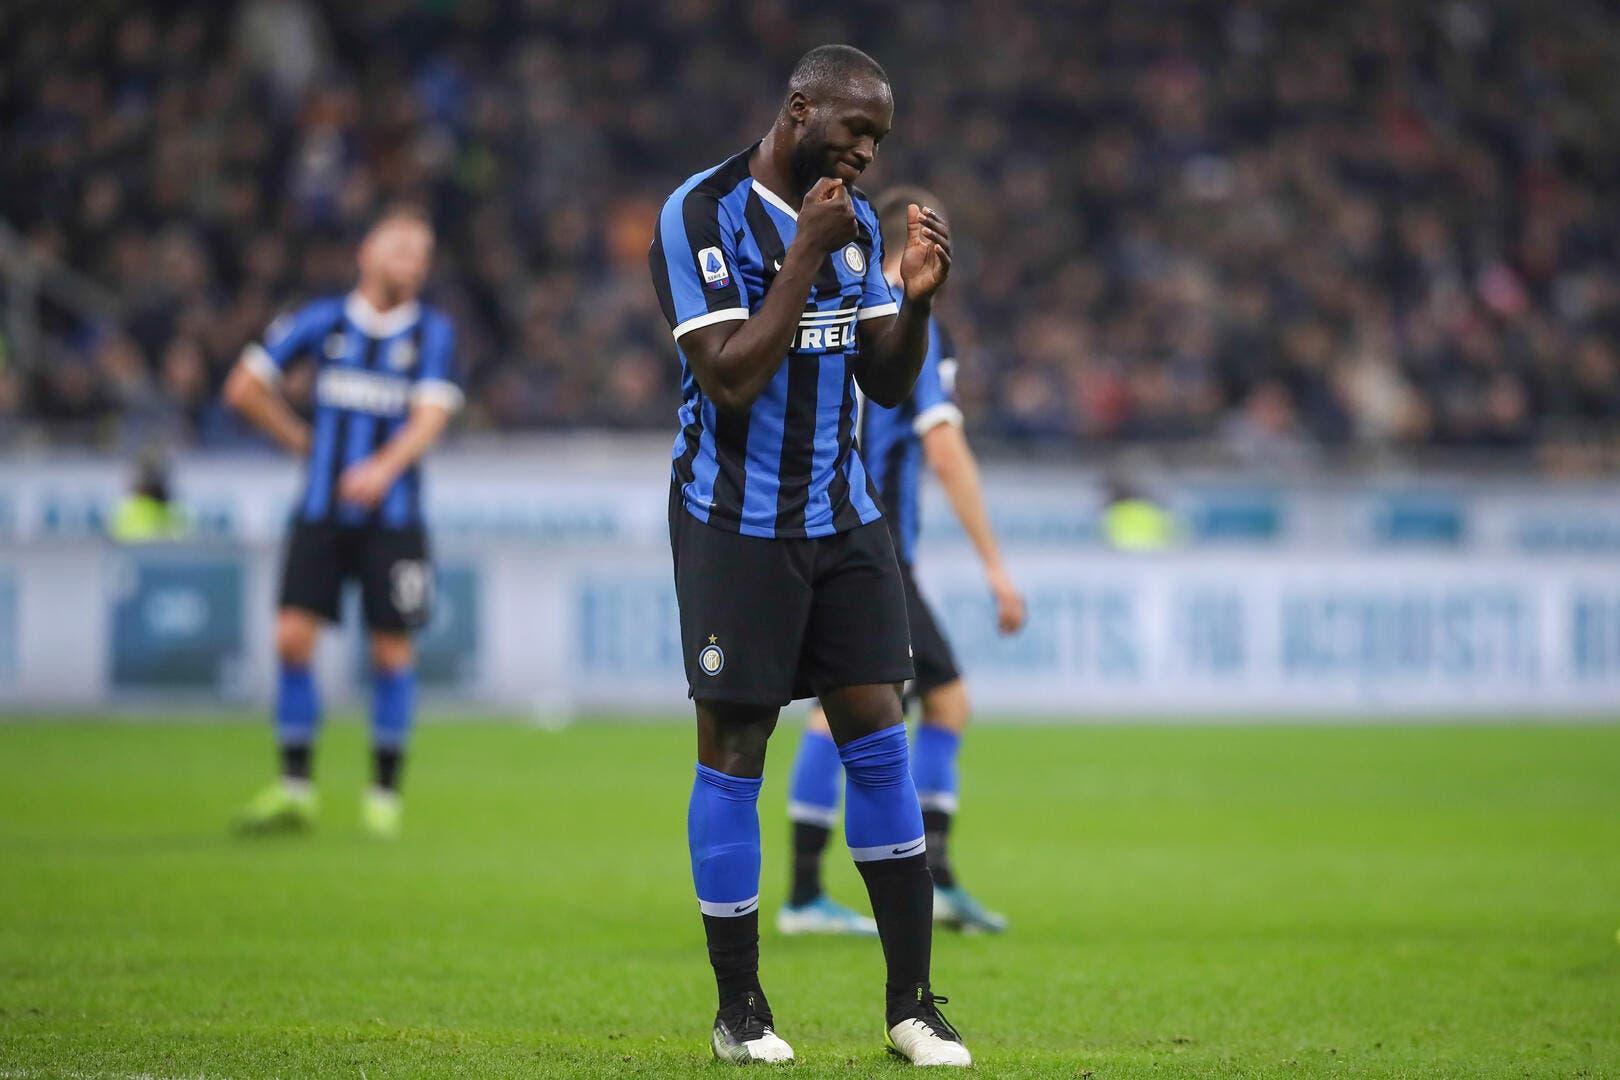 Ita : Accusé de racisme, le Corriere dello Sport joue les victimes